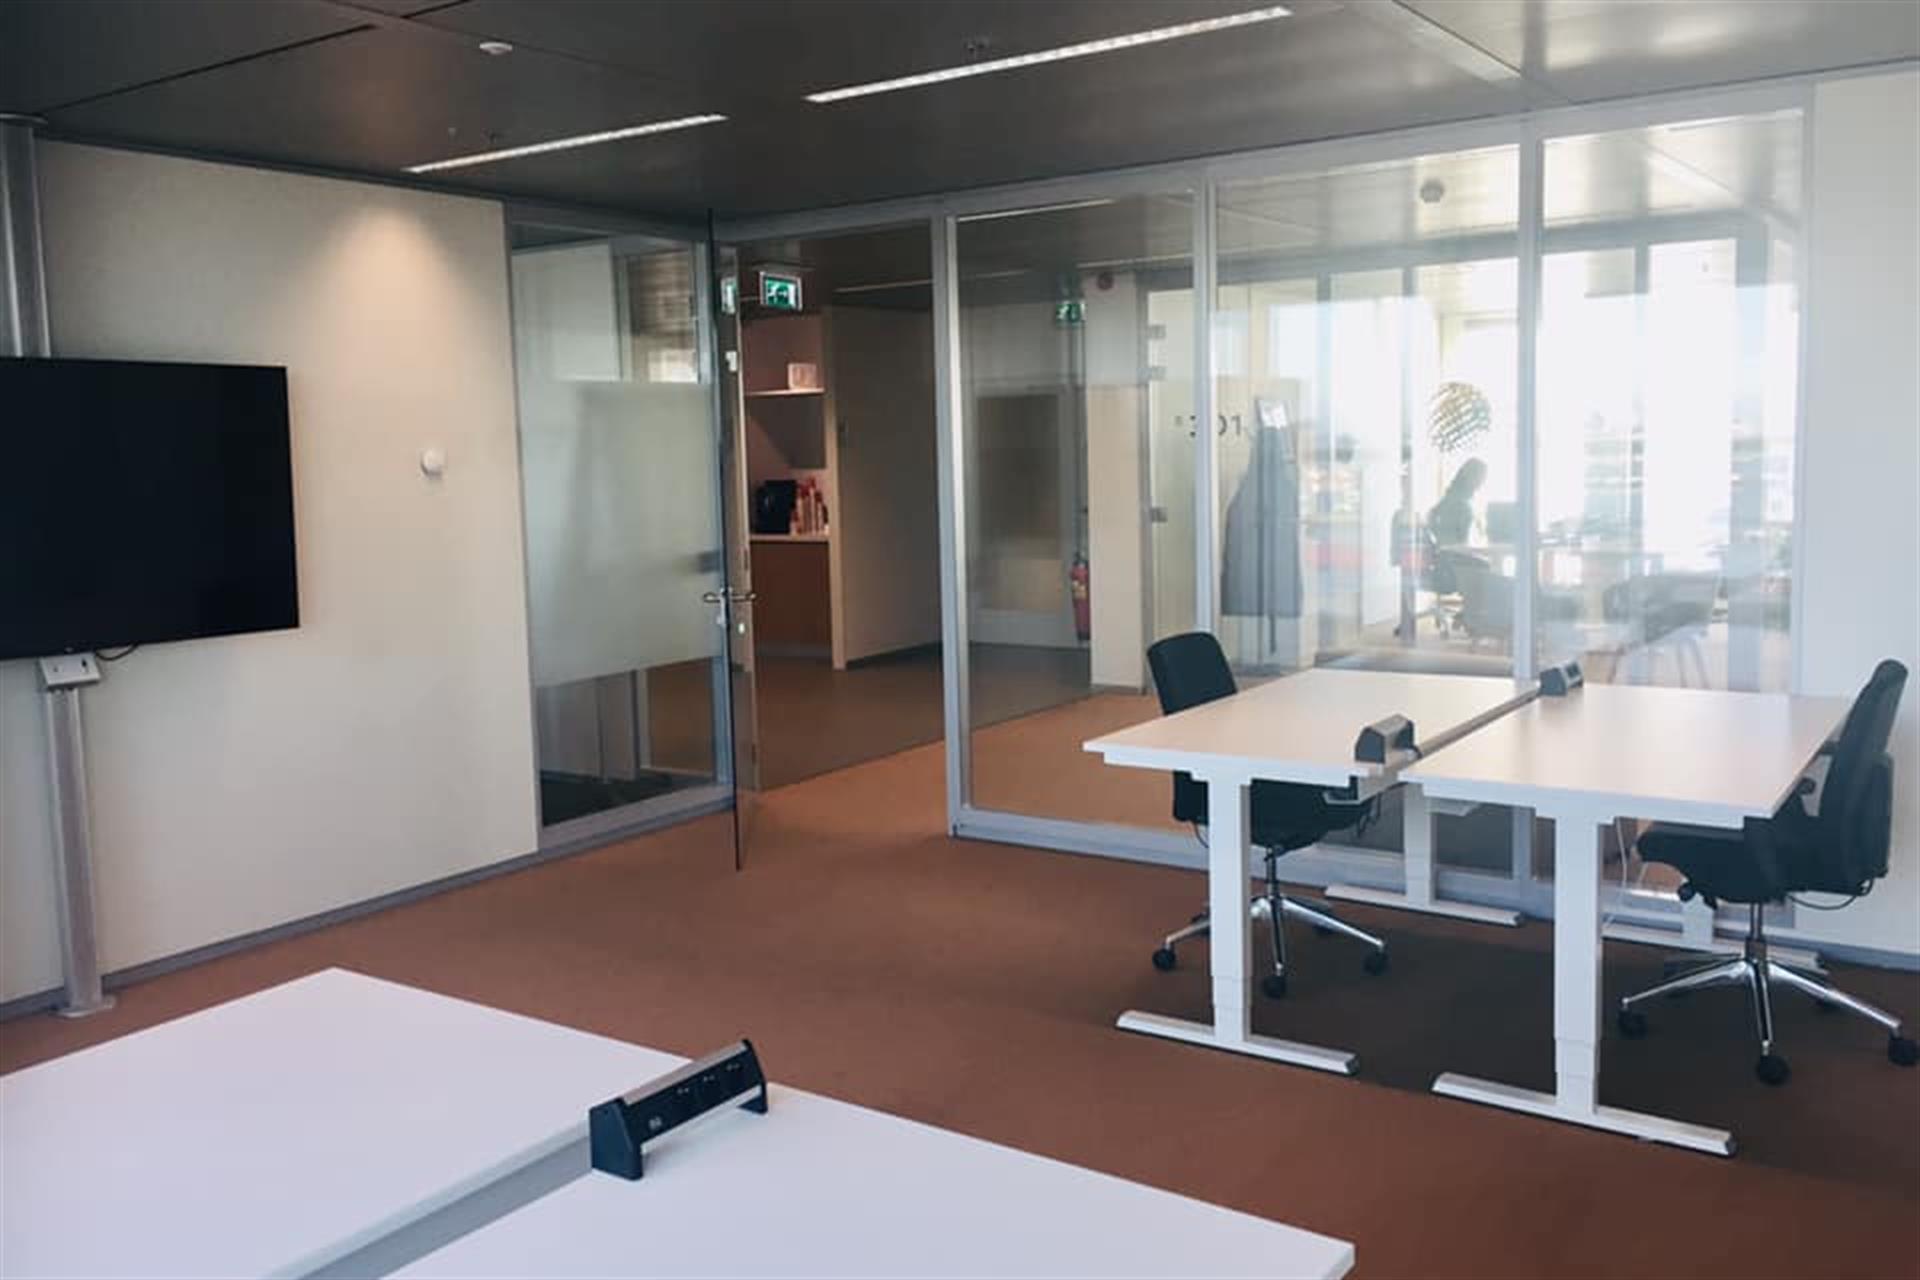 locatie utrecht - office vanaf 20m2  €425 per maand  EXCL. btw